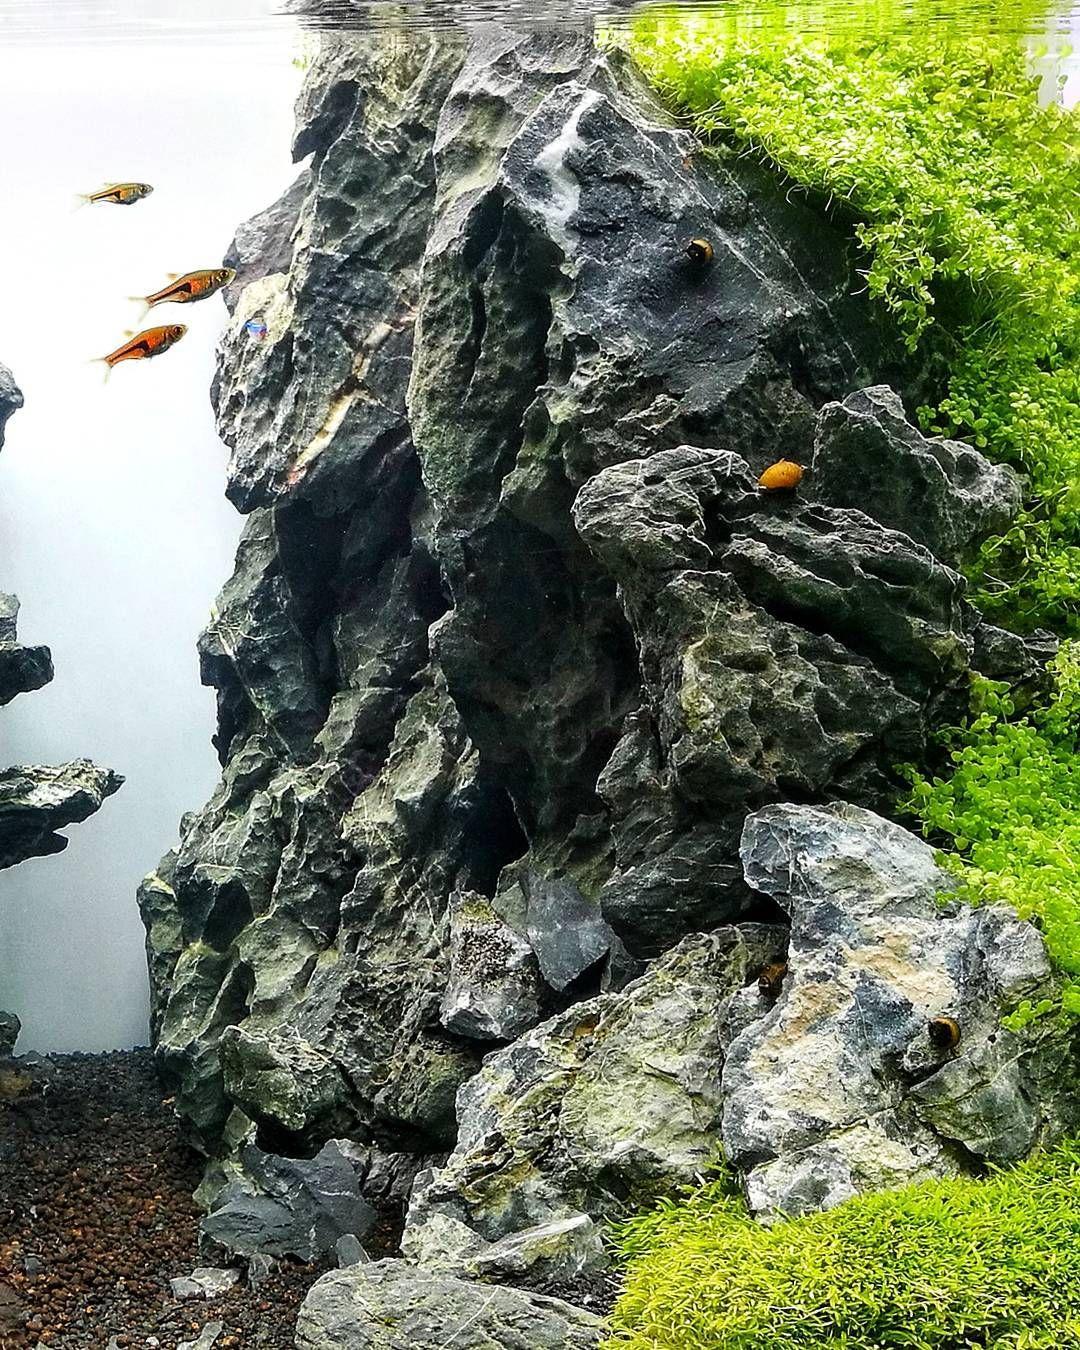 Pin By Zadist On Aquariums Fish Pond S Nature Aquarium Aquarium